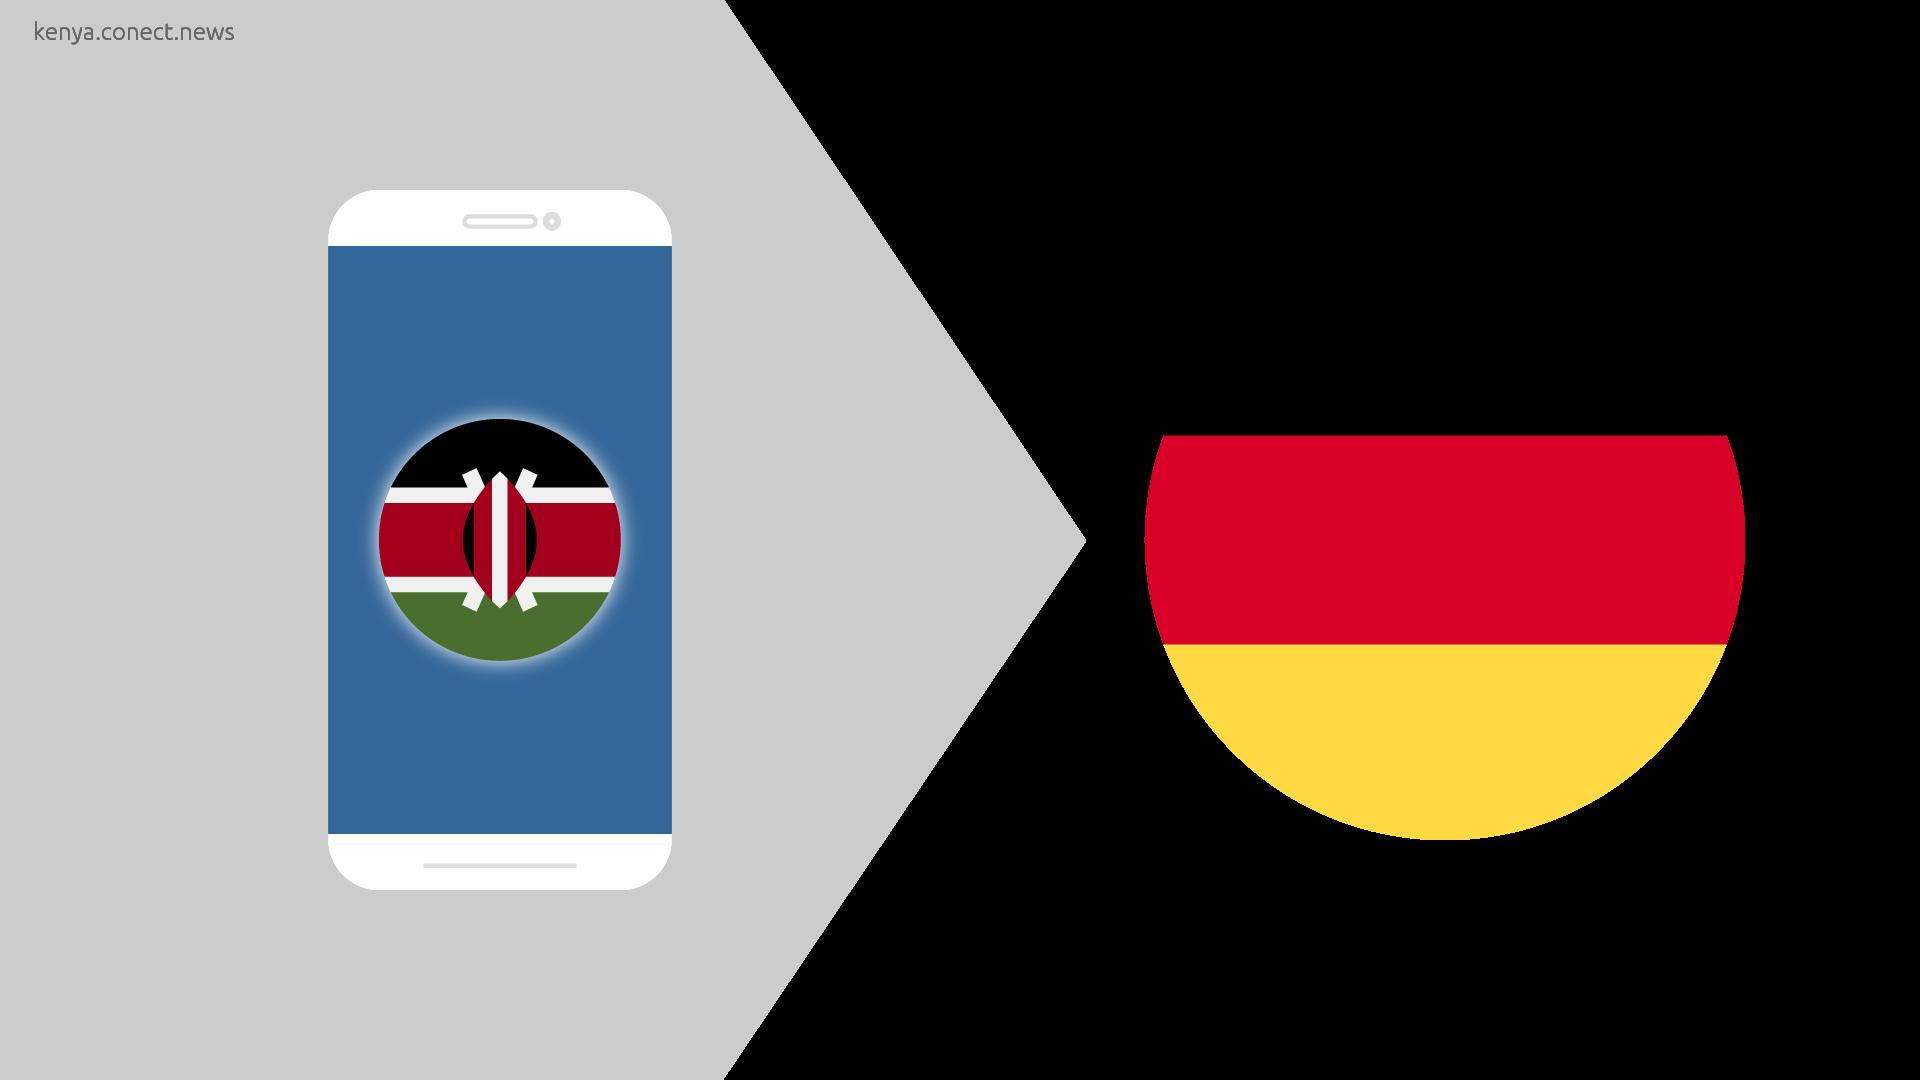 Kenia-deutschland @conect_news